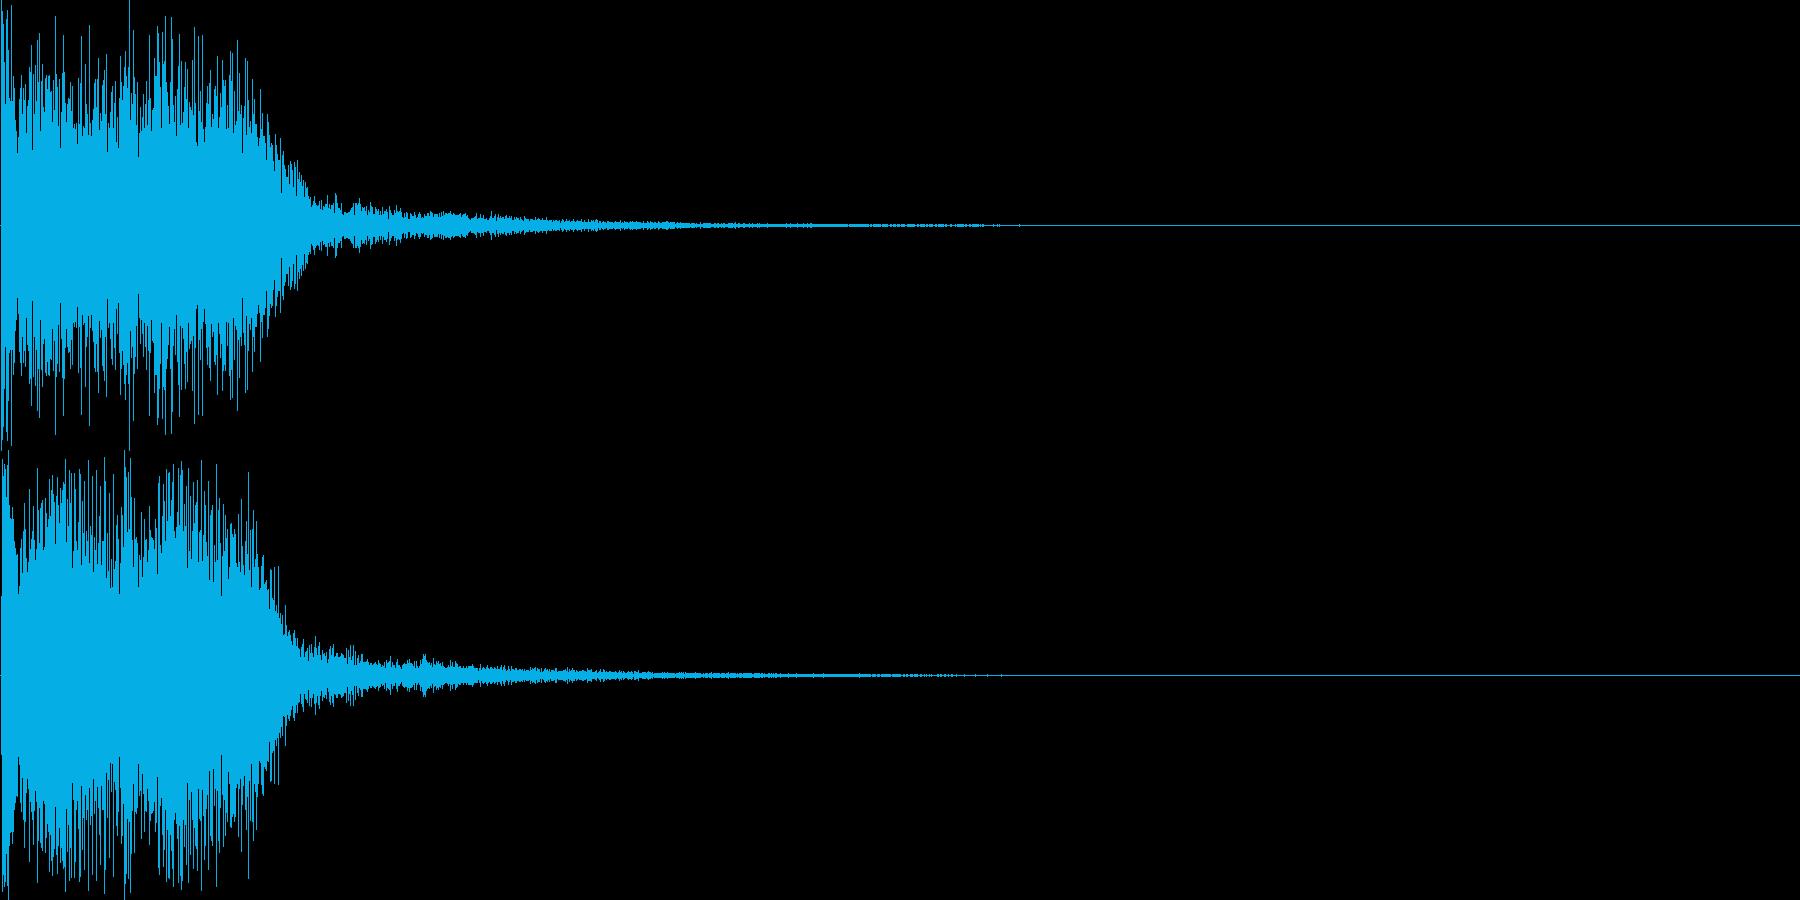 重大発表・テーマ発表の時の効果音の再生済みの波形